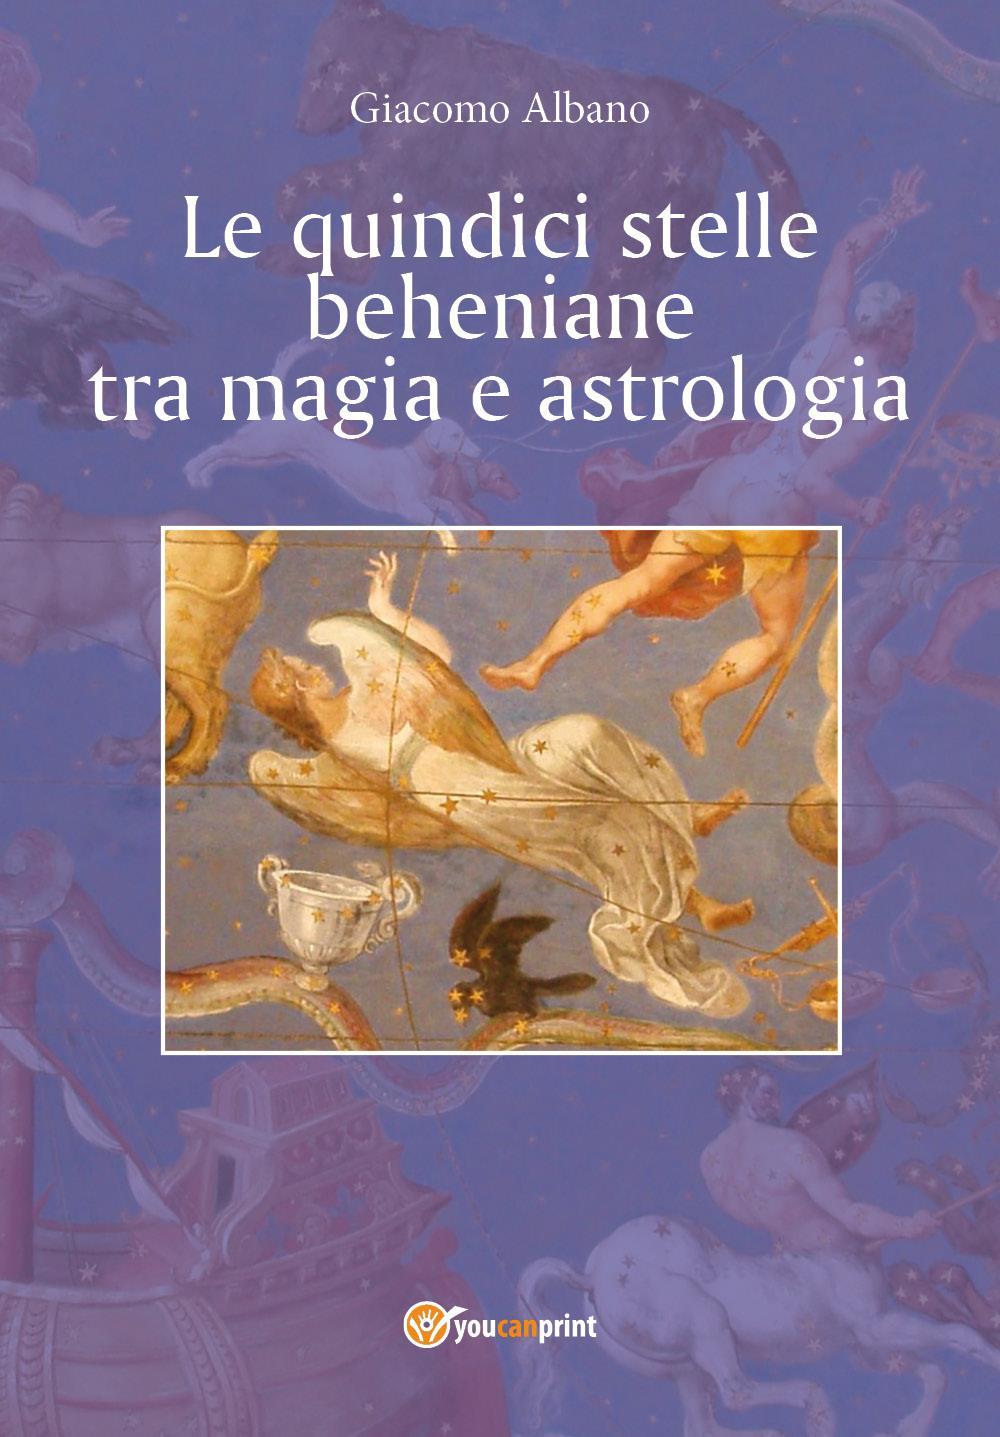 Le quindici stelle beheniane tra magia e astrologia